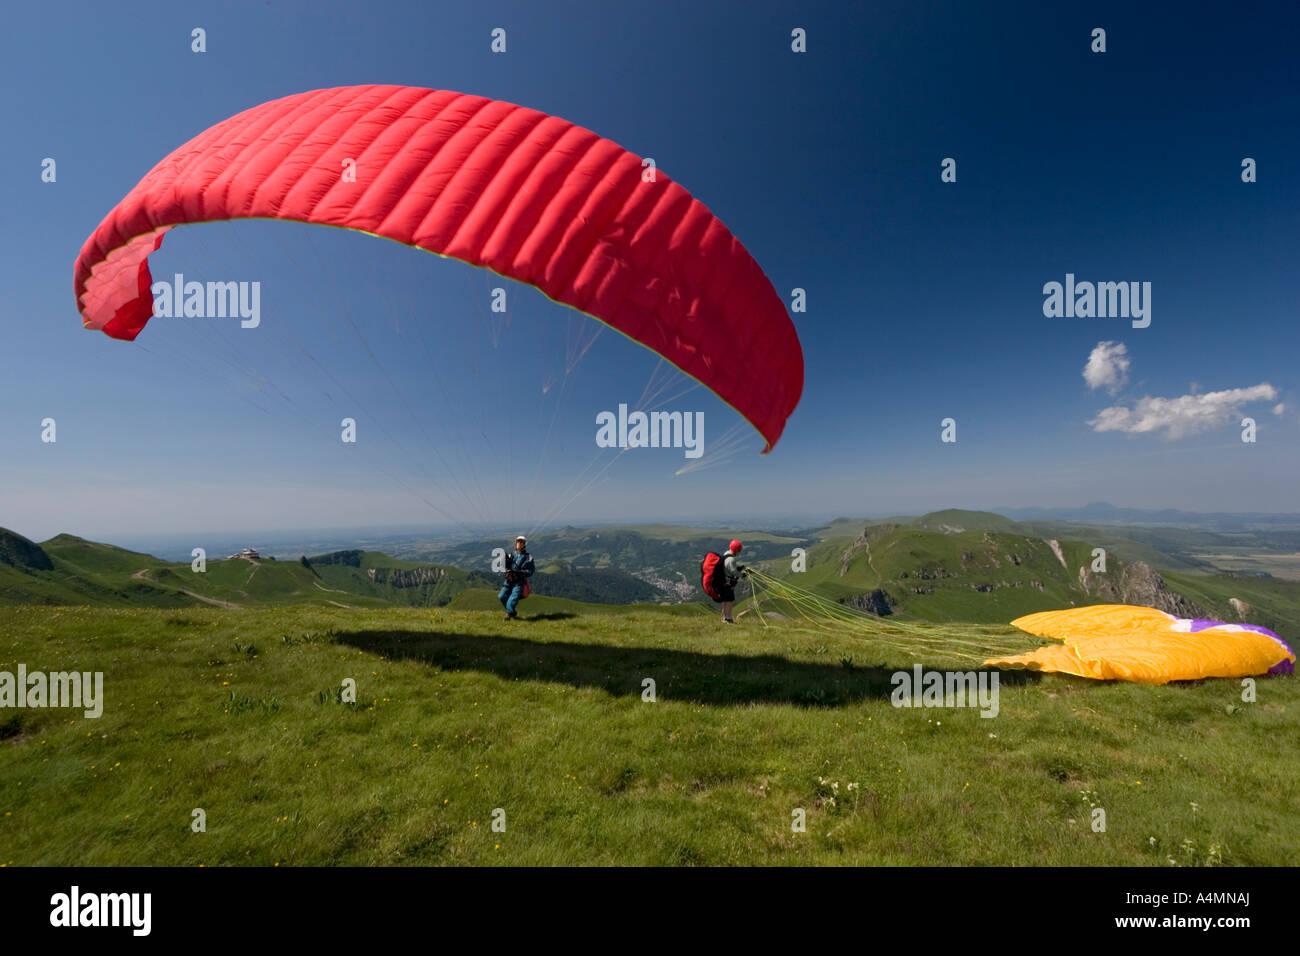 A paraglider ready to take off (Puy de Dôme-France). Parapentiste s'apprêtant à prendre son envol (Puy de Dôme-France). Stock Photo